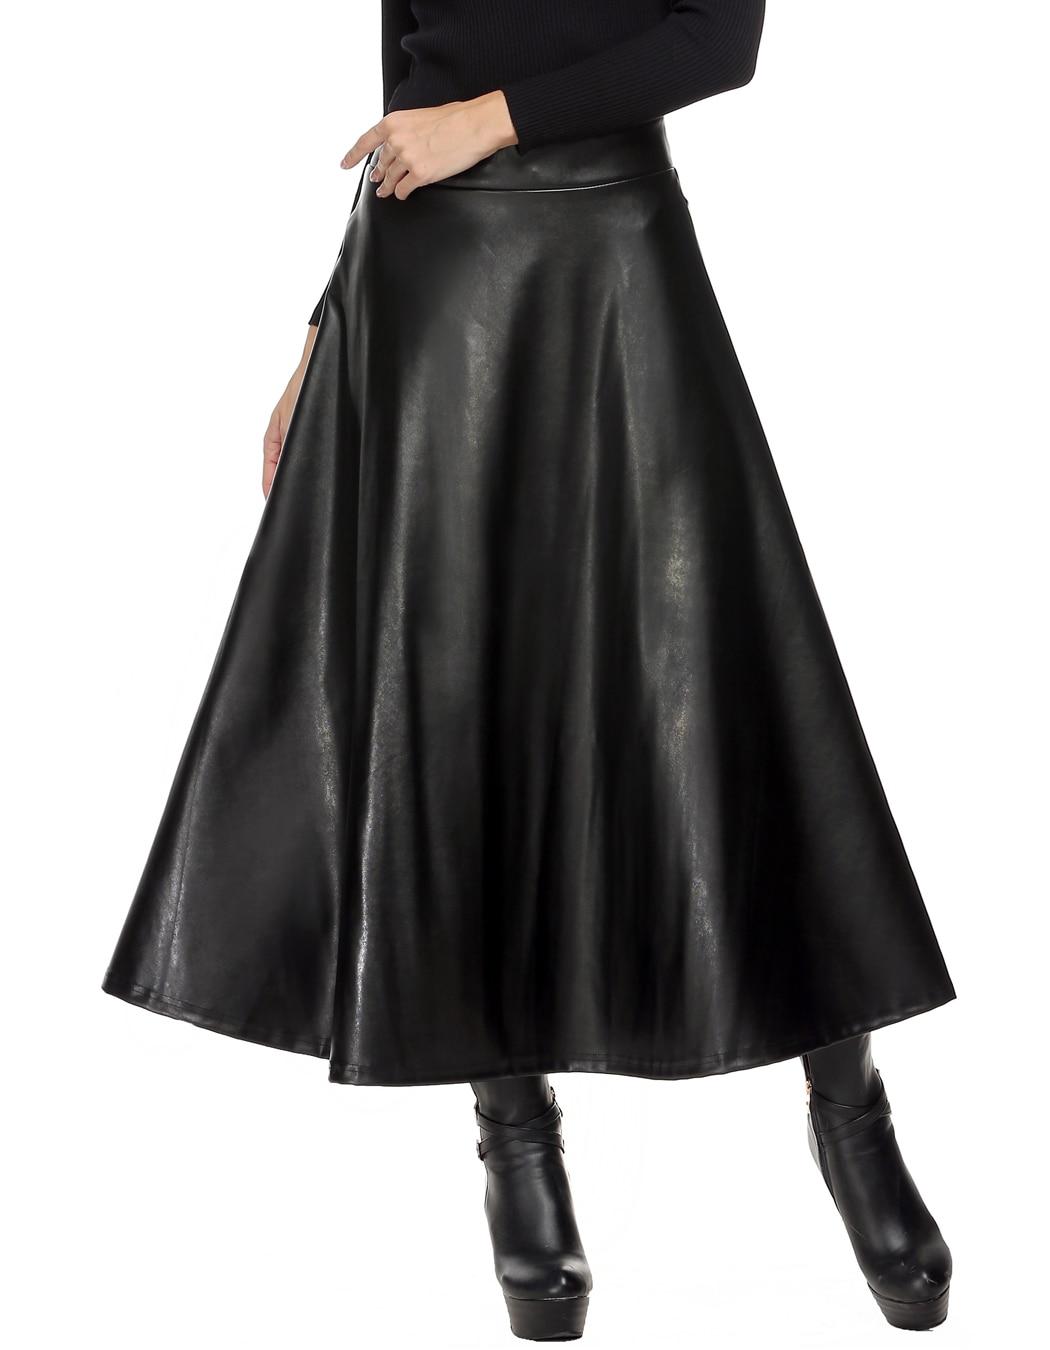 Зимняя юбка из искусственной кожи, Женская длинная юбка макси, женская тонкая Осенняя винтажная плиссированная юбка с высокой талией, черная, Xl, Xxl